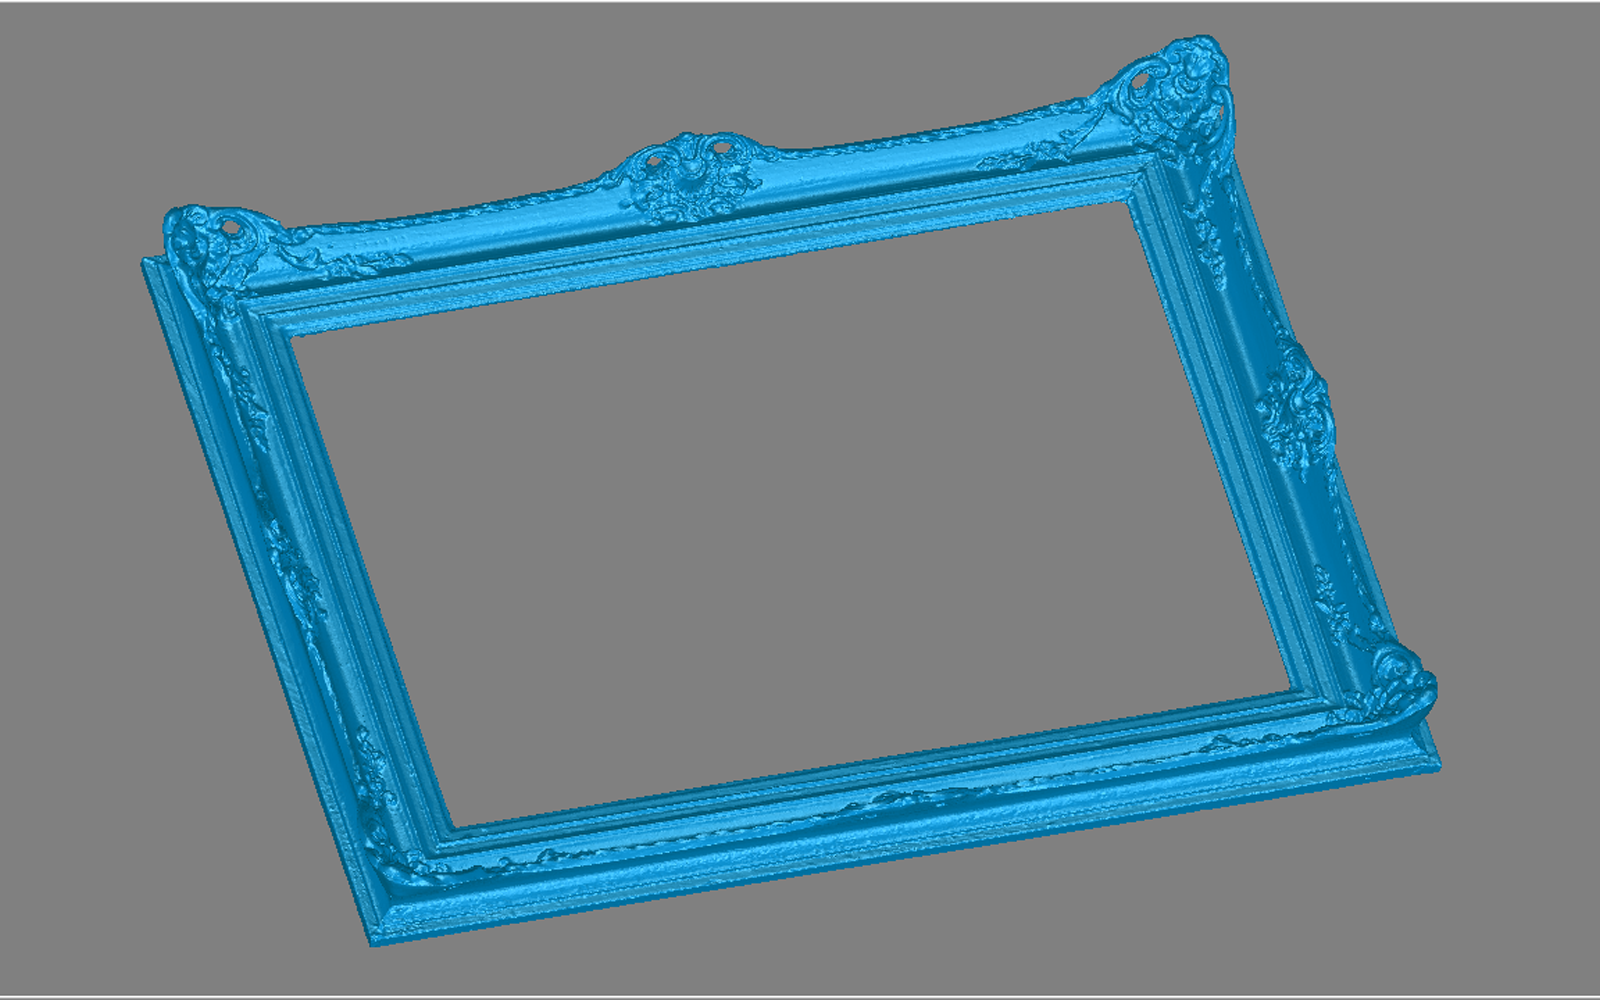 Conap 3D Reverse Engineering - CAD Modell eines historischen Bilderrahmens